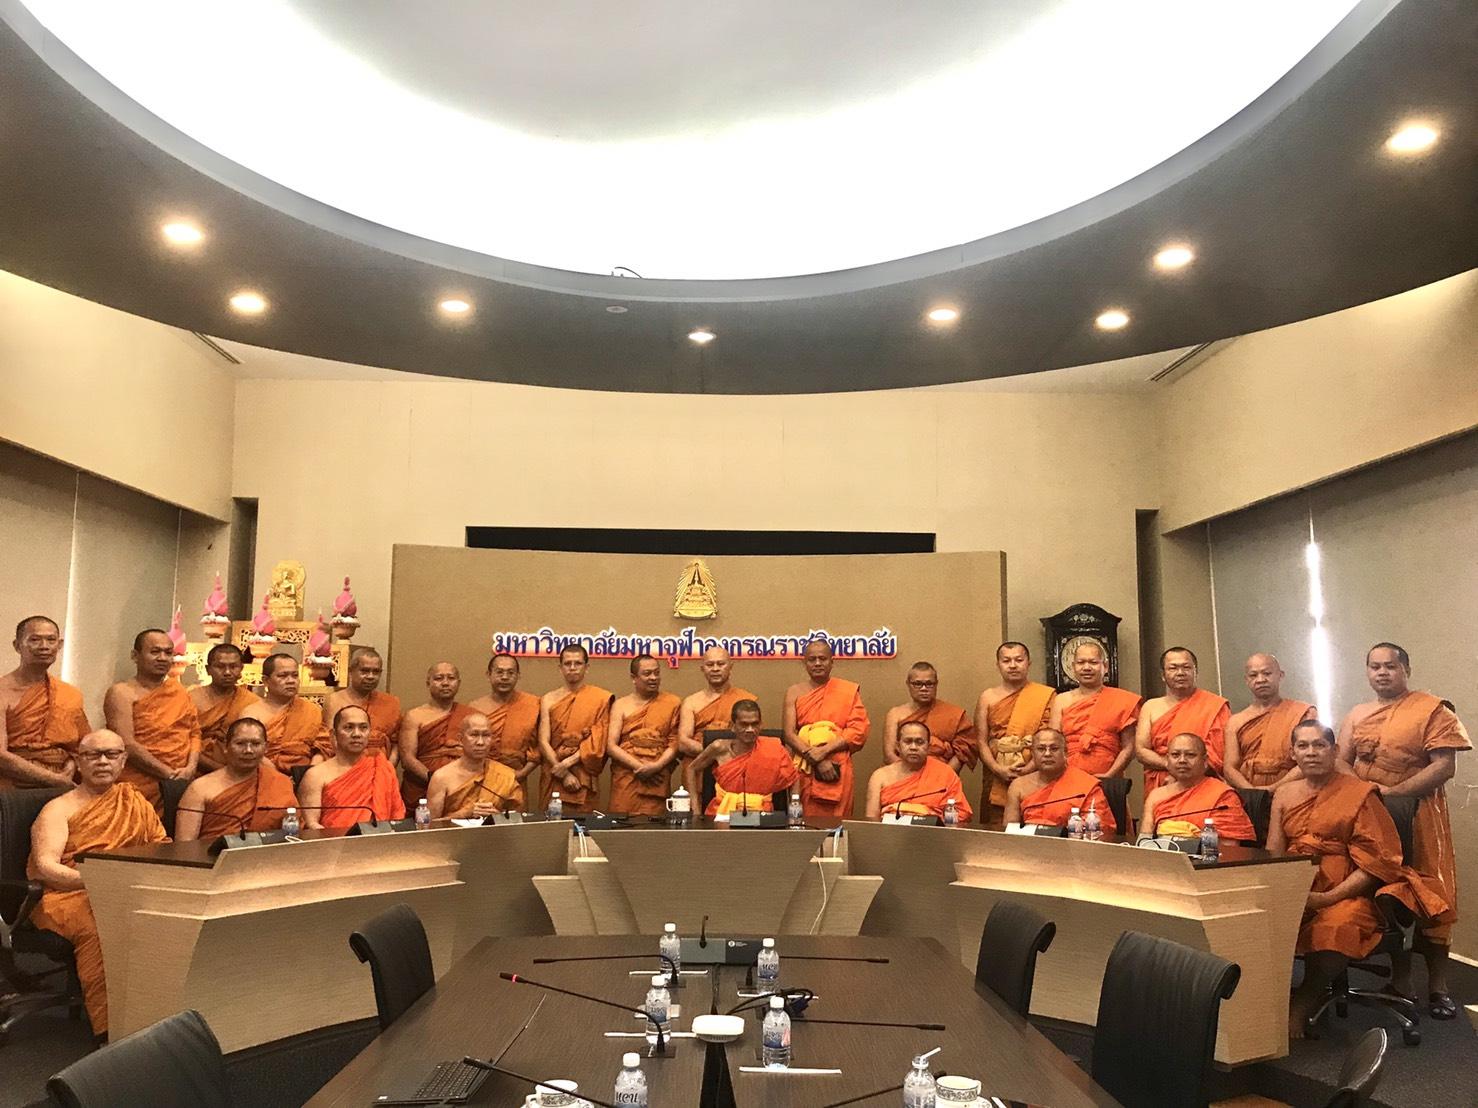 การประชุมคณะกรรมการตรวจประเมินการปฏิบัติงาน ส่วนงานสนับสนุน ประจำปีการศึกษา ครั้งที่ ๒/๒๕๖๑